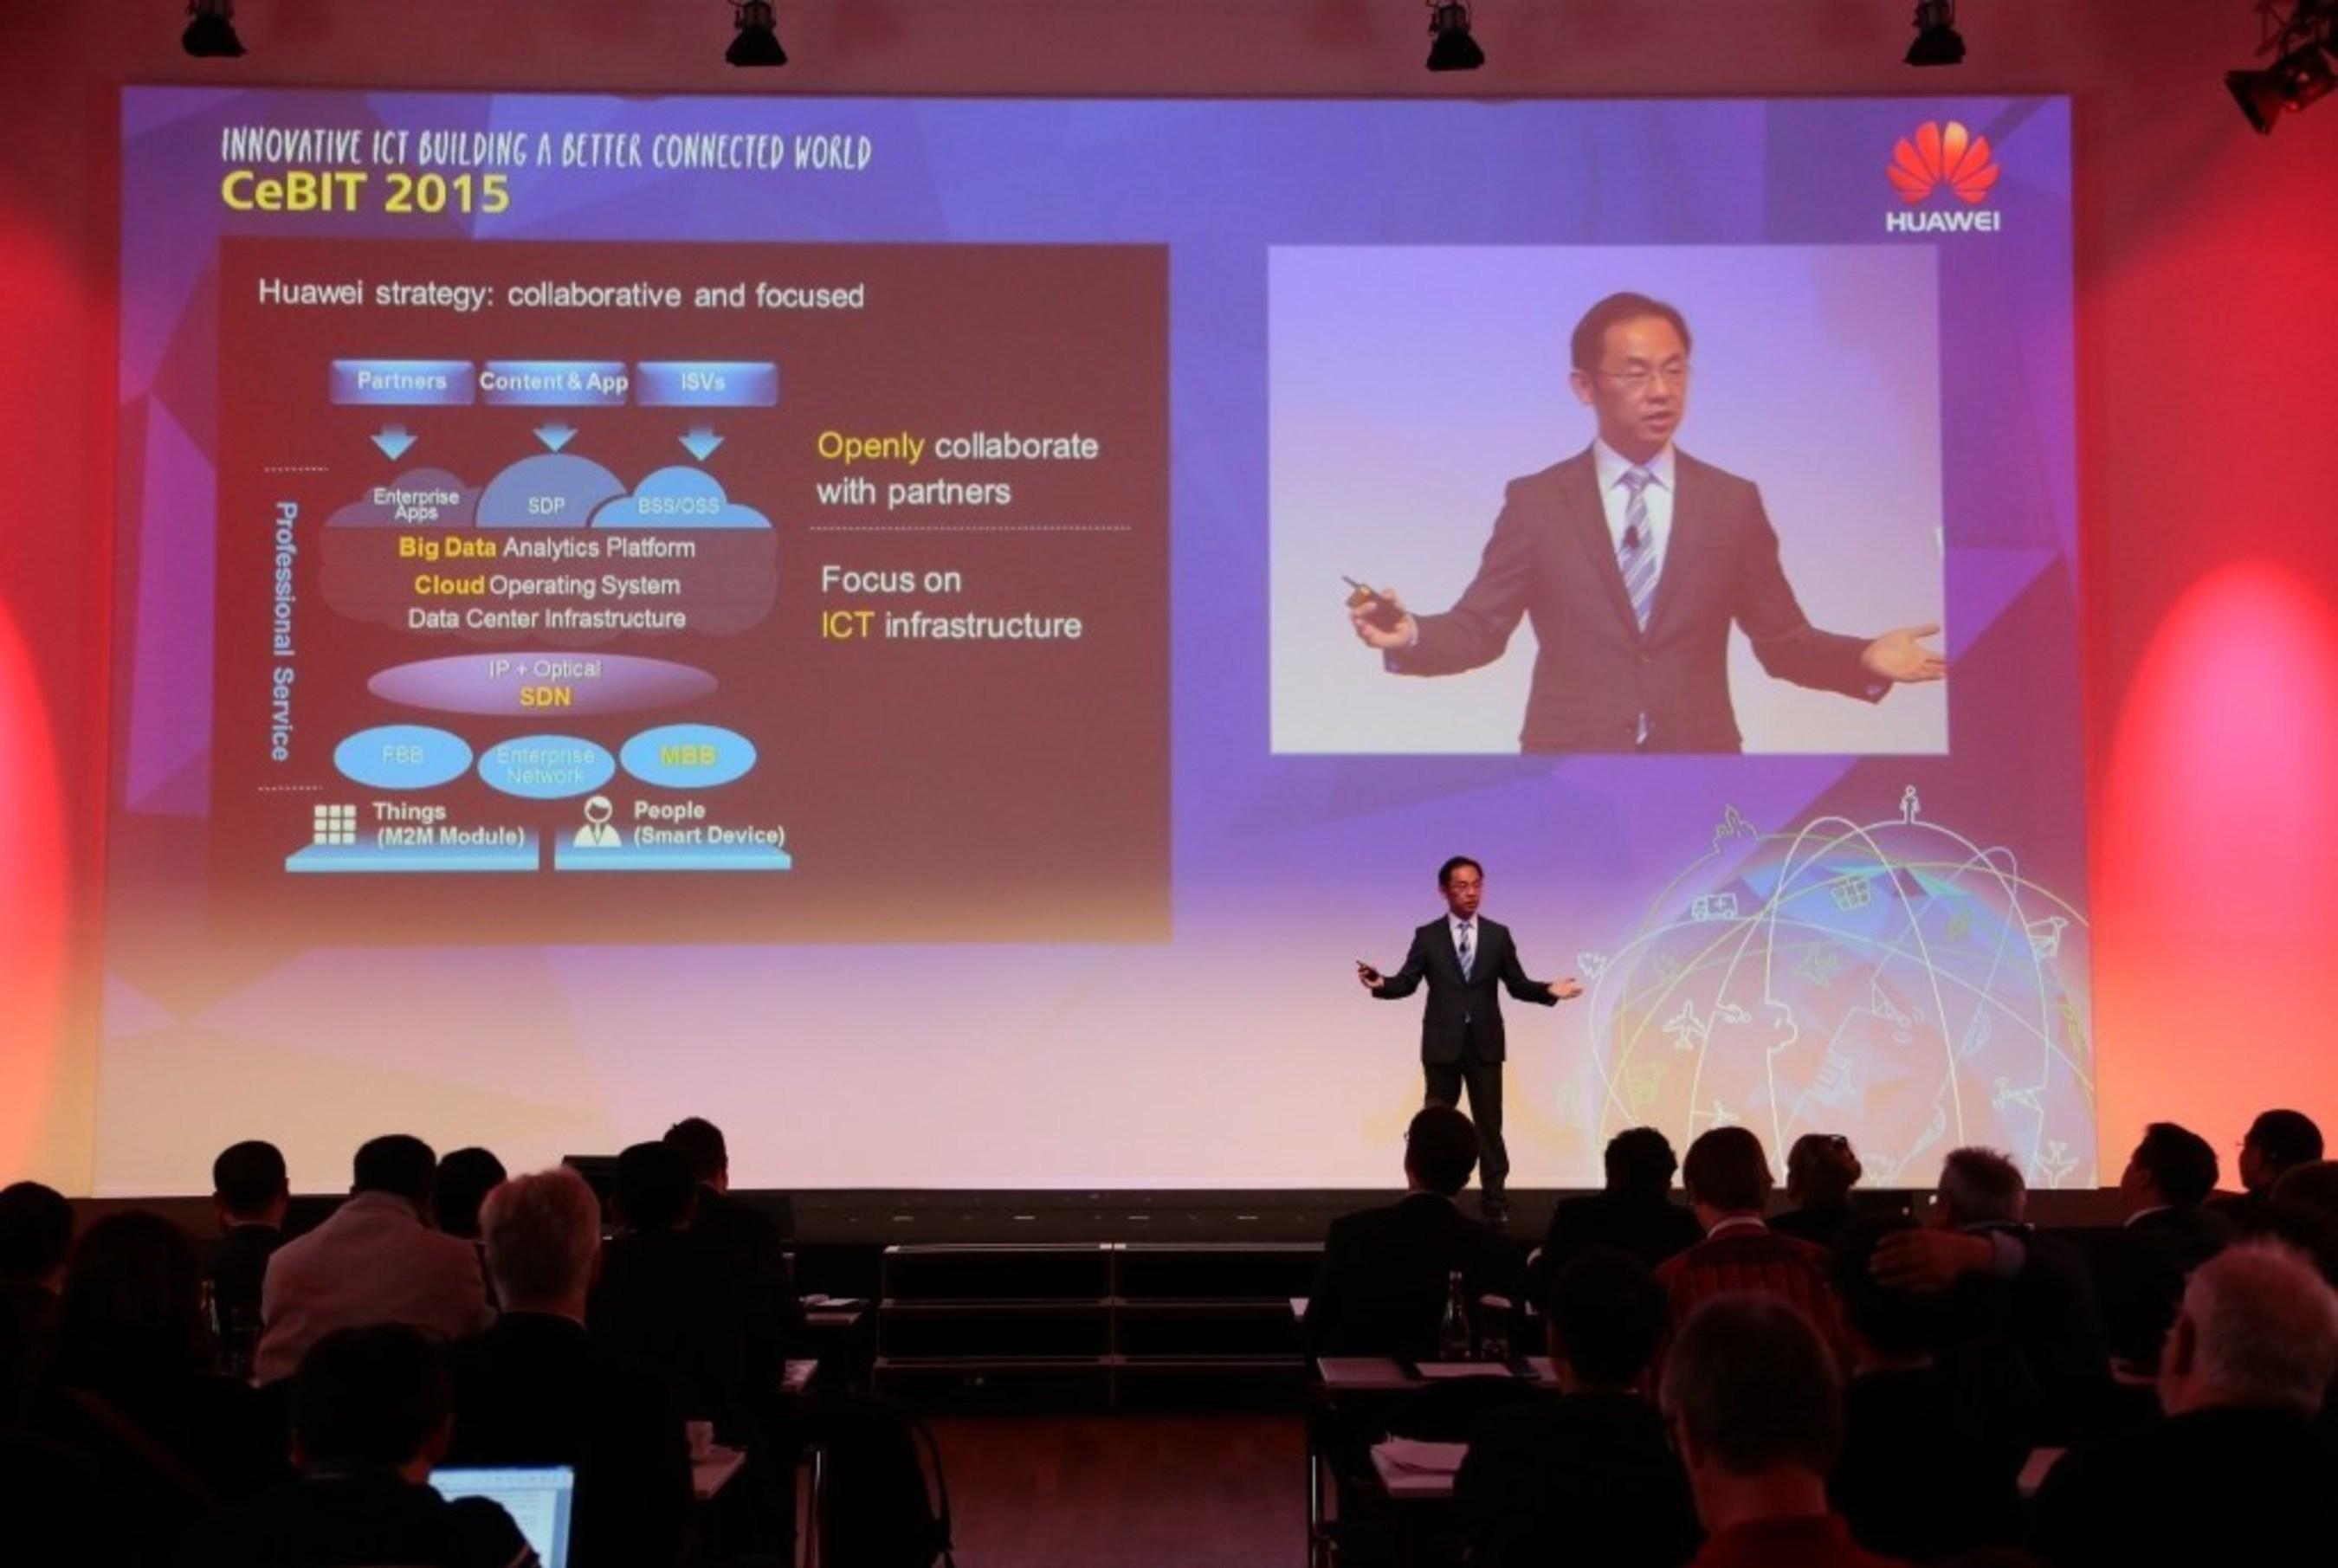 Huawei mit vier neuen IKT-Lösungen auf der CeBIT 2015 - Offene Innovationen für eine besser